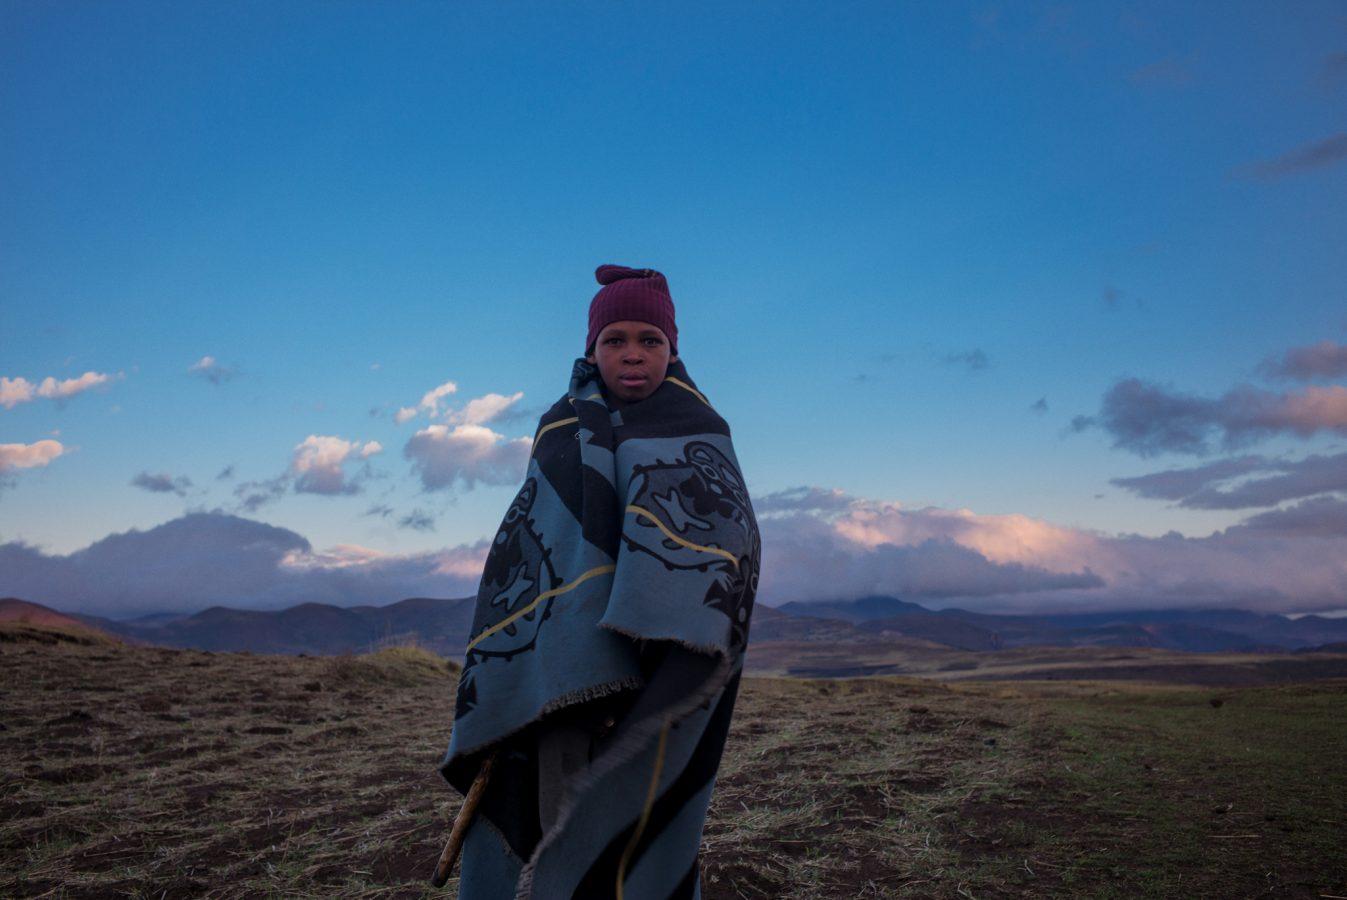 fotograf steffen schrägle postproduction: stefan fröscher